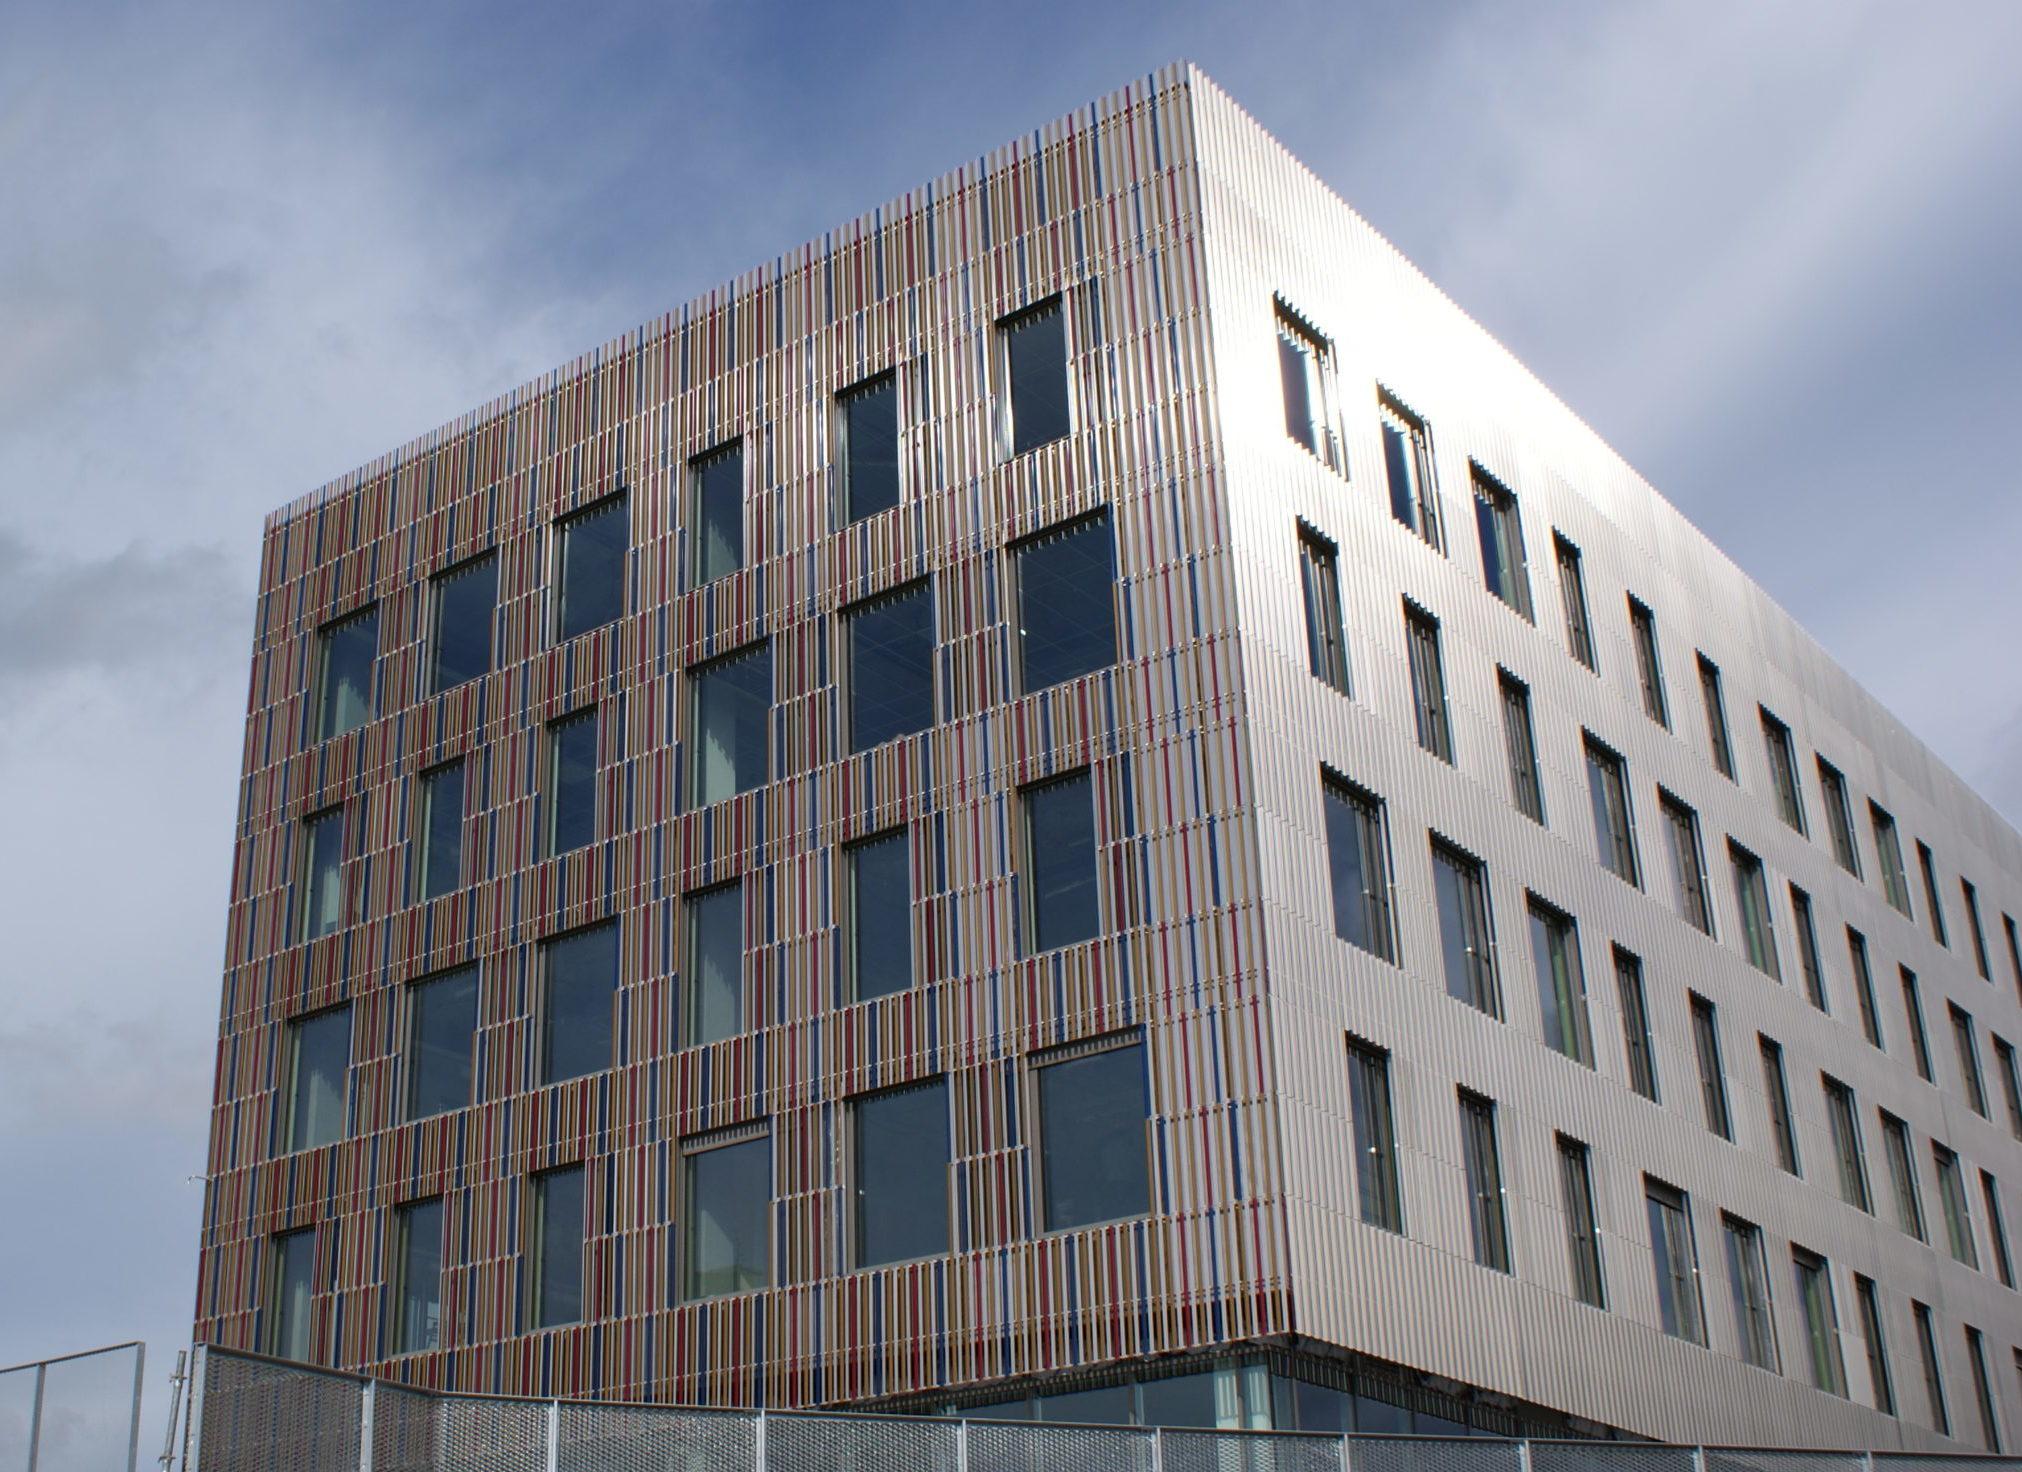 Bardage metallique: facade metallique maison & batiment - muller-rost